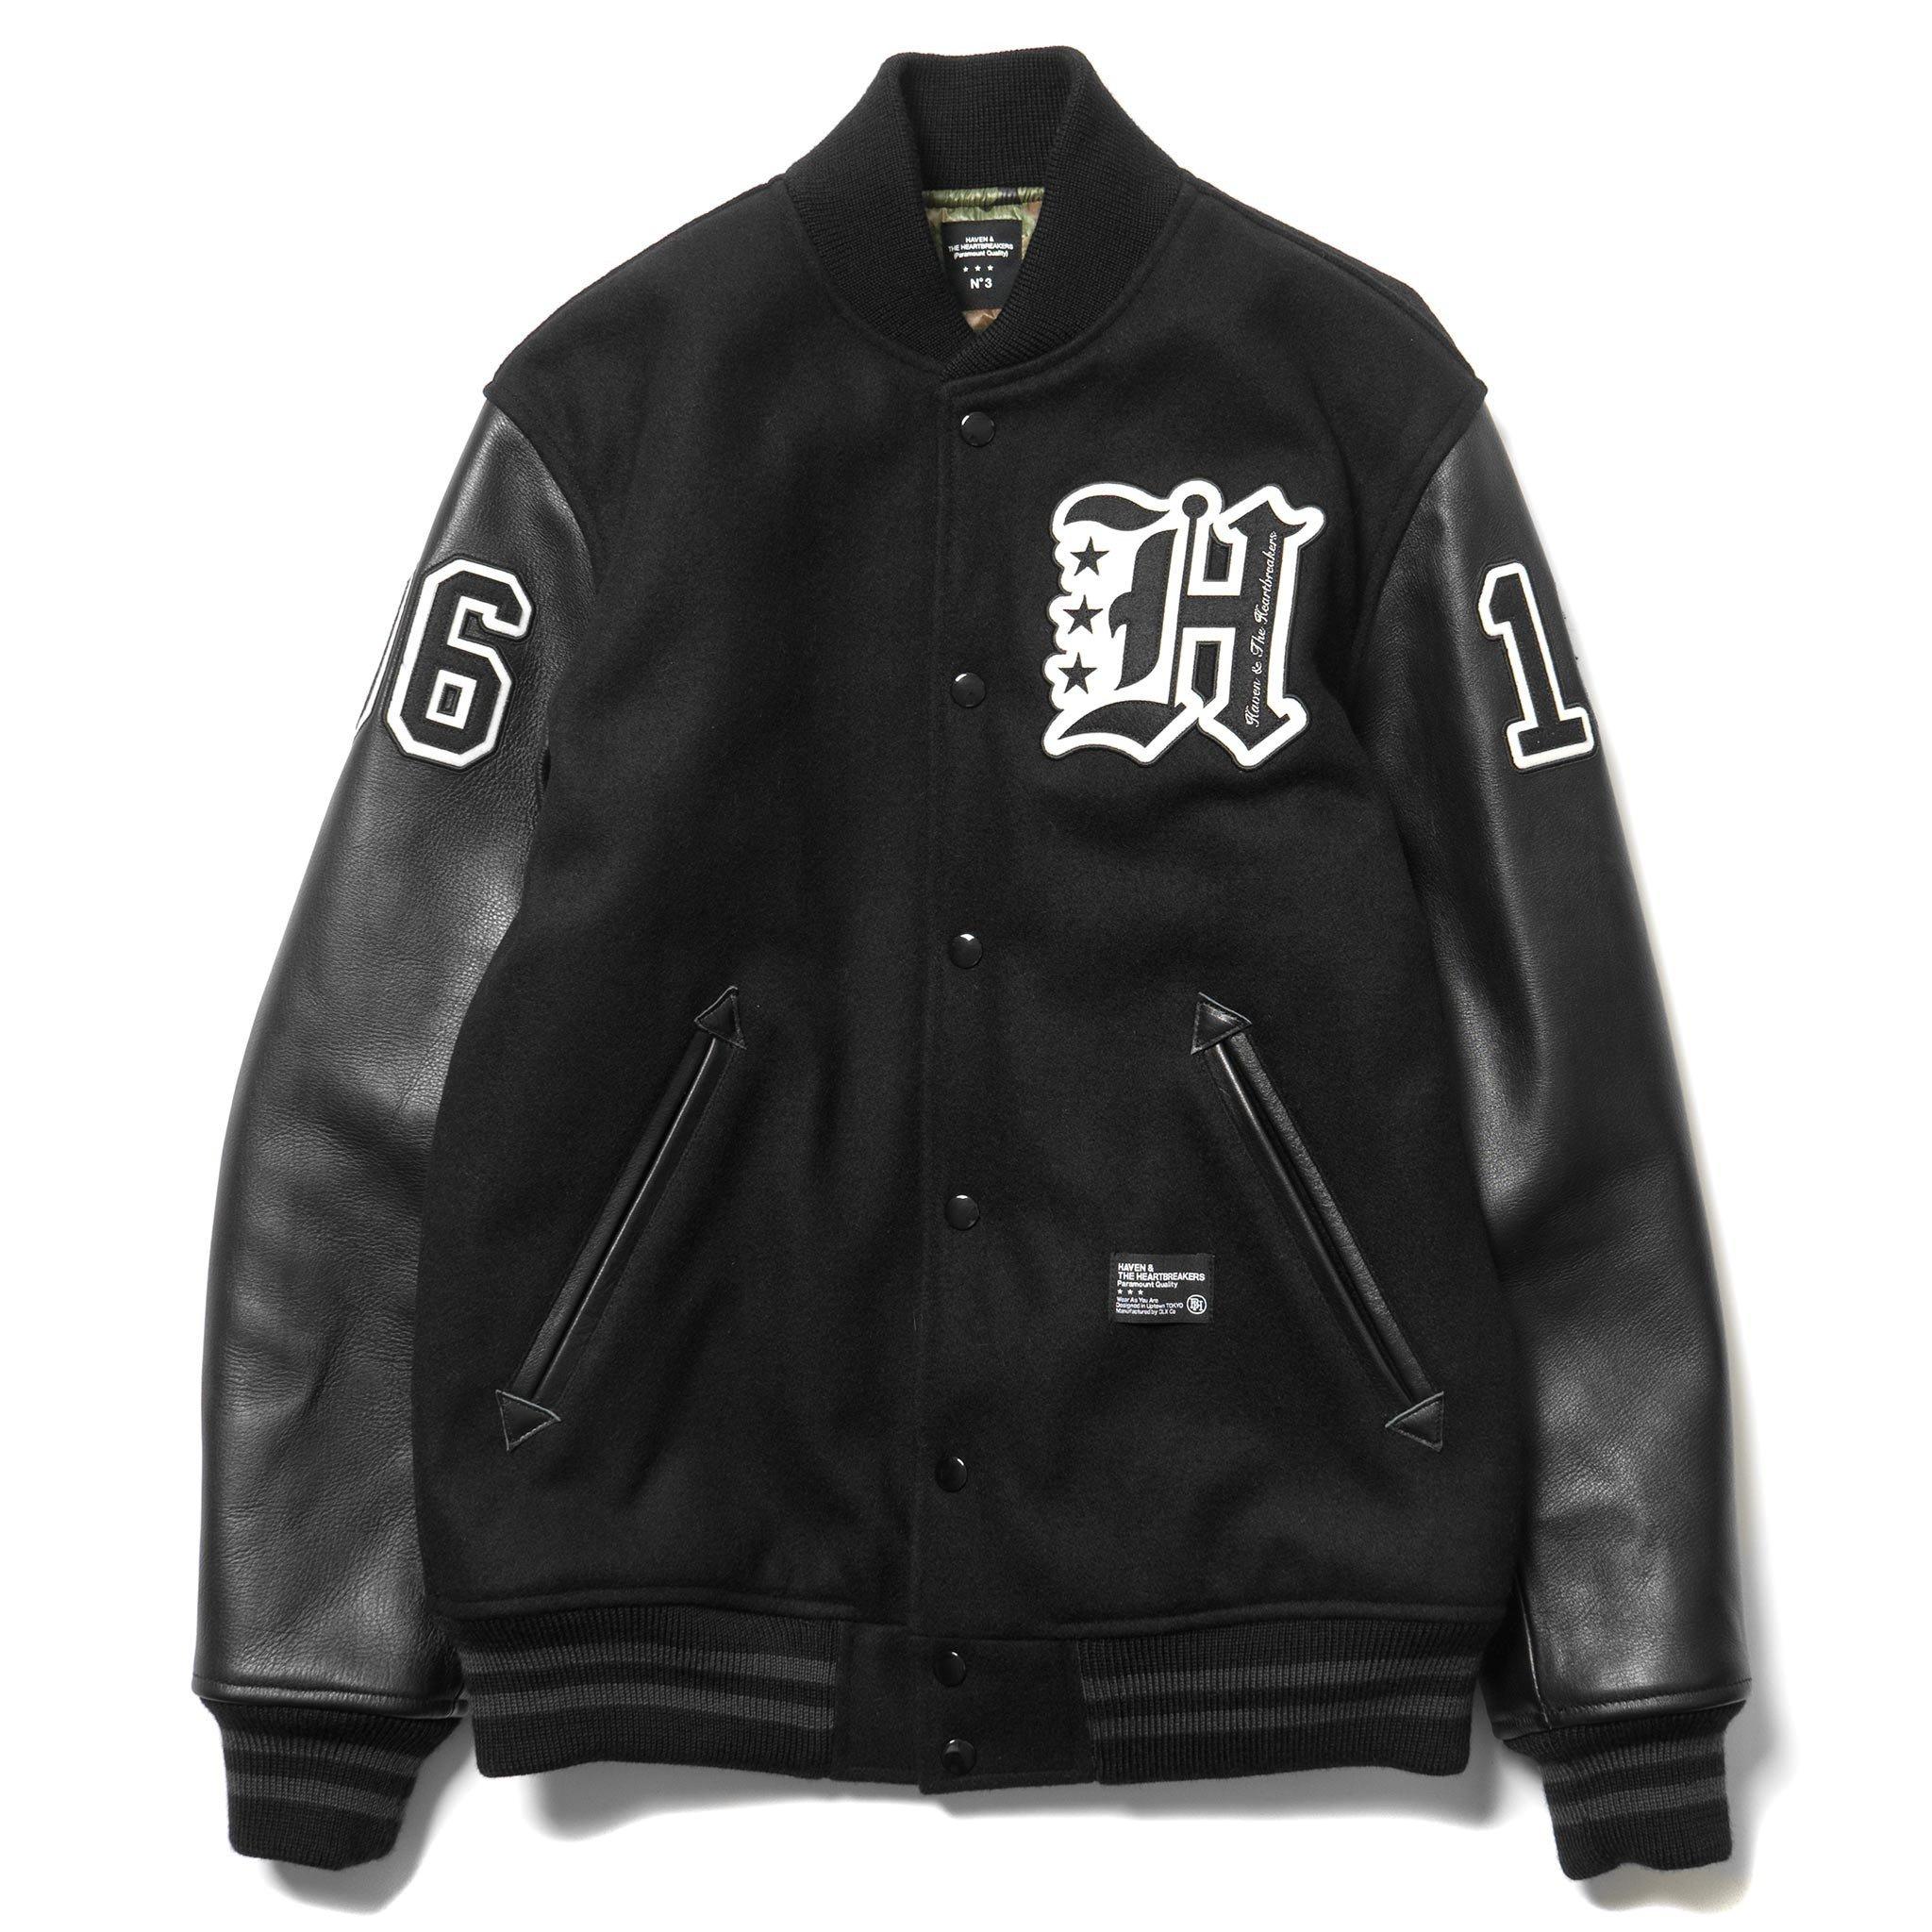 BedwinxHAVEN-Jerry-Award-Jacket-BLACK-1_2048x2048